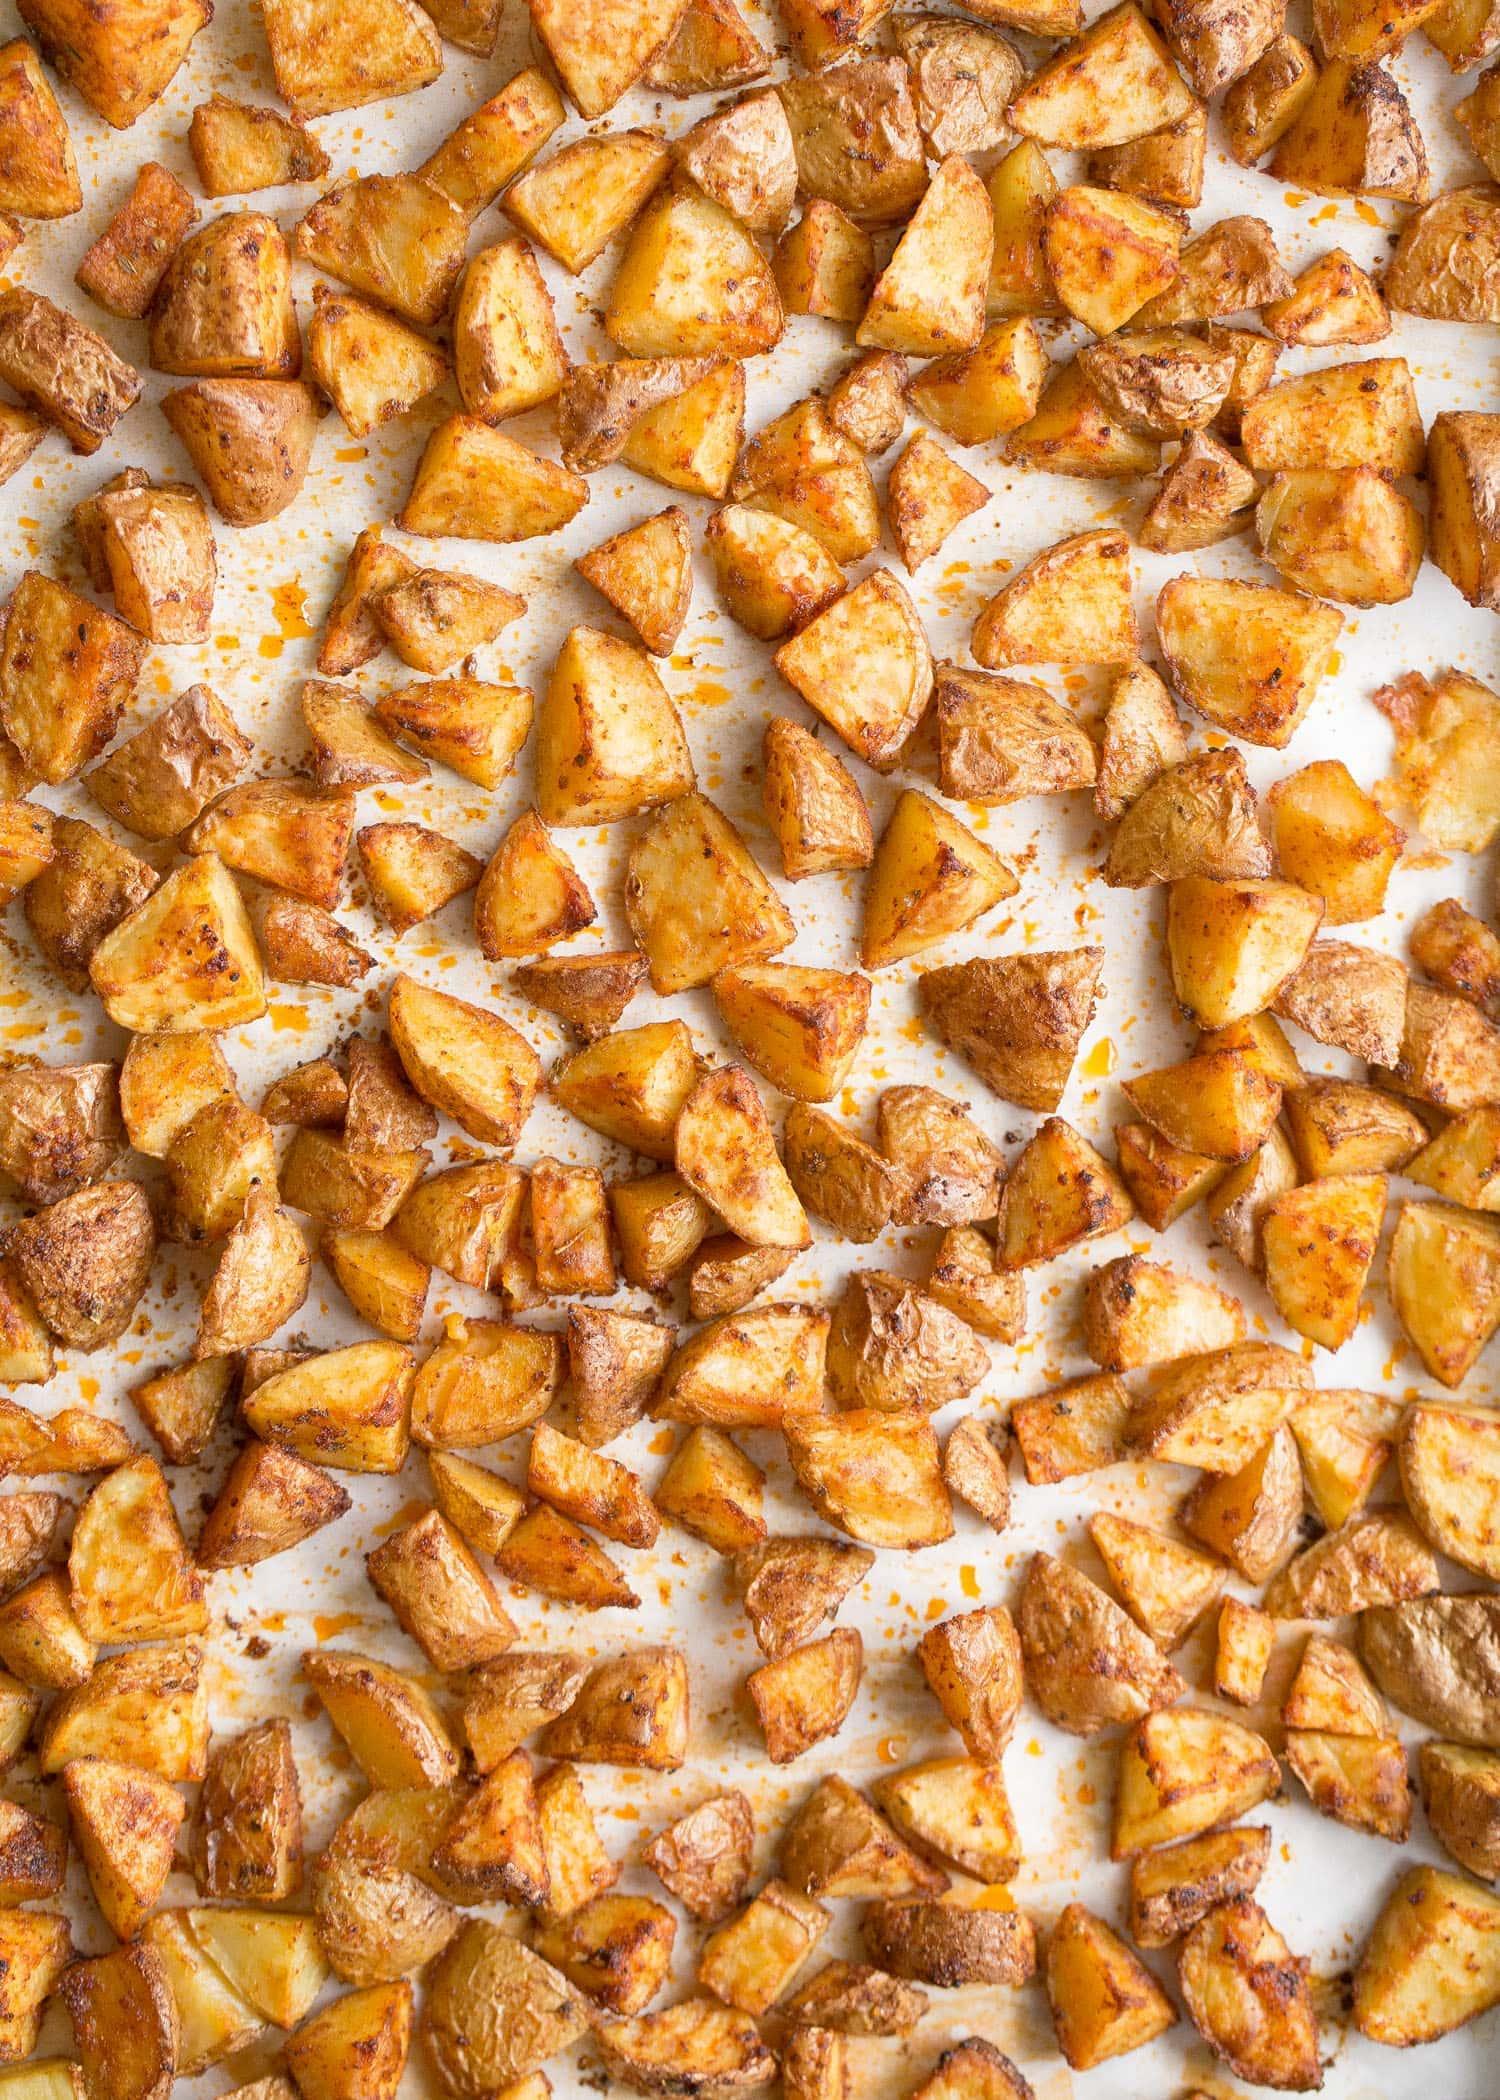 Crispy seasoned potatoes on a sheet pan